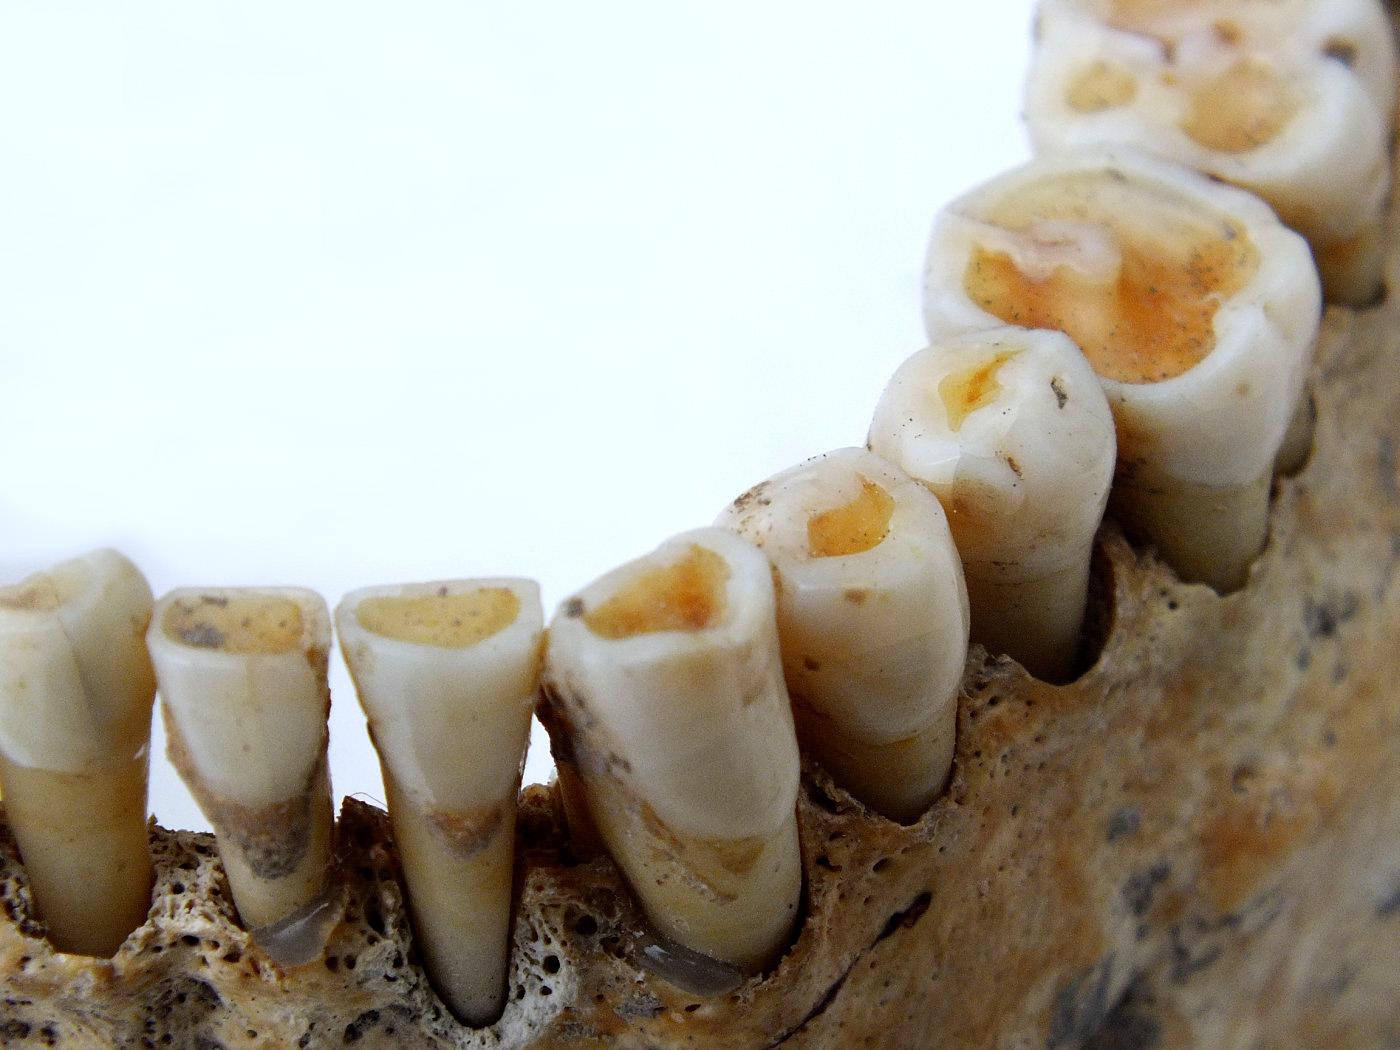 A középkori táplálkozás tükre, a fogak